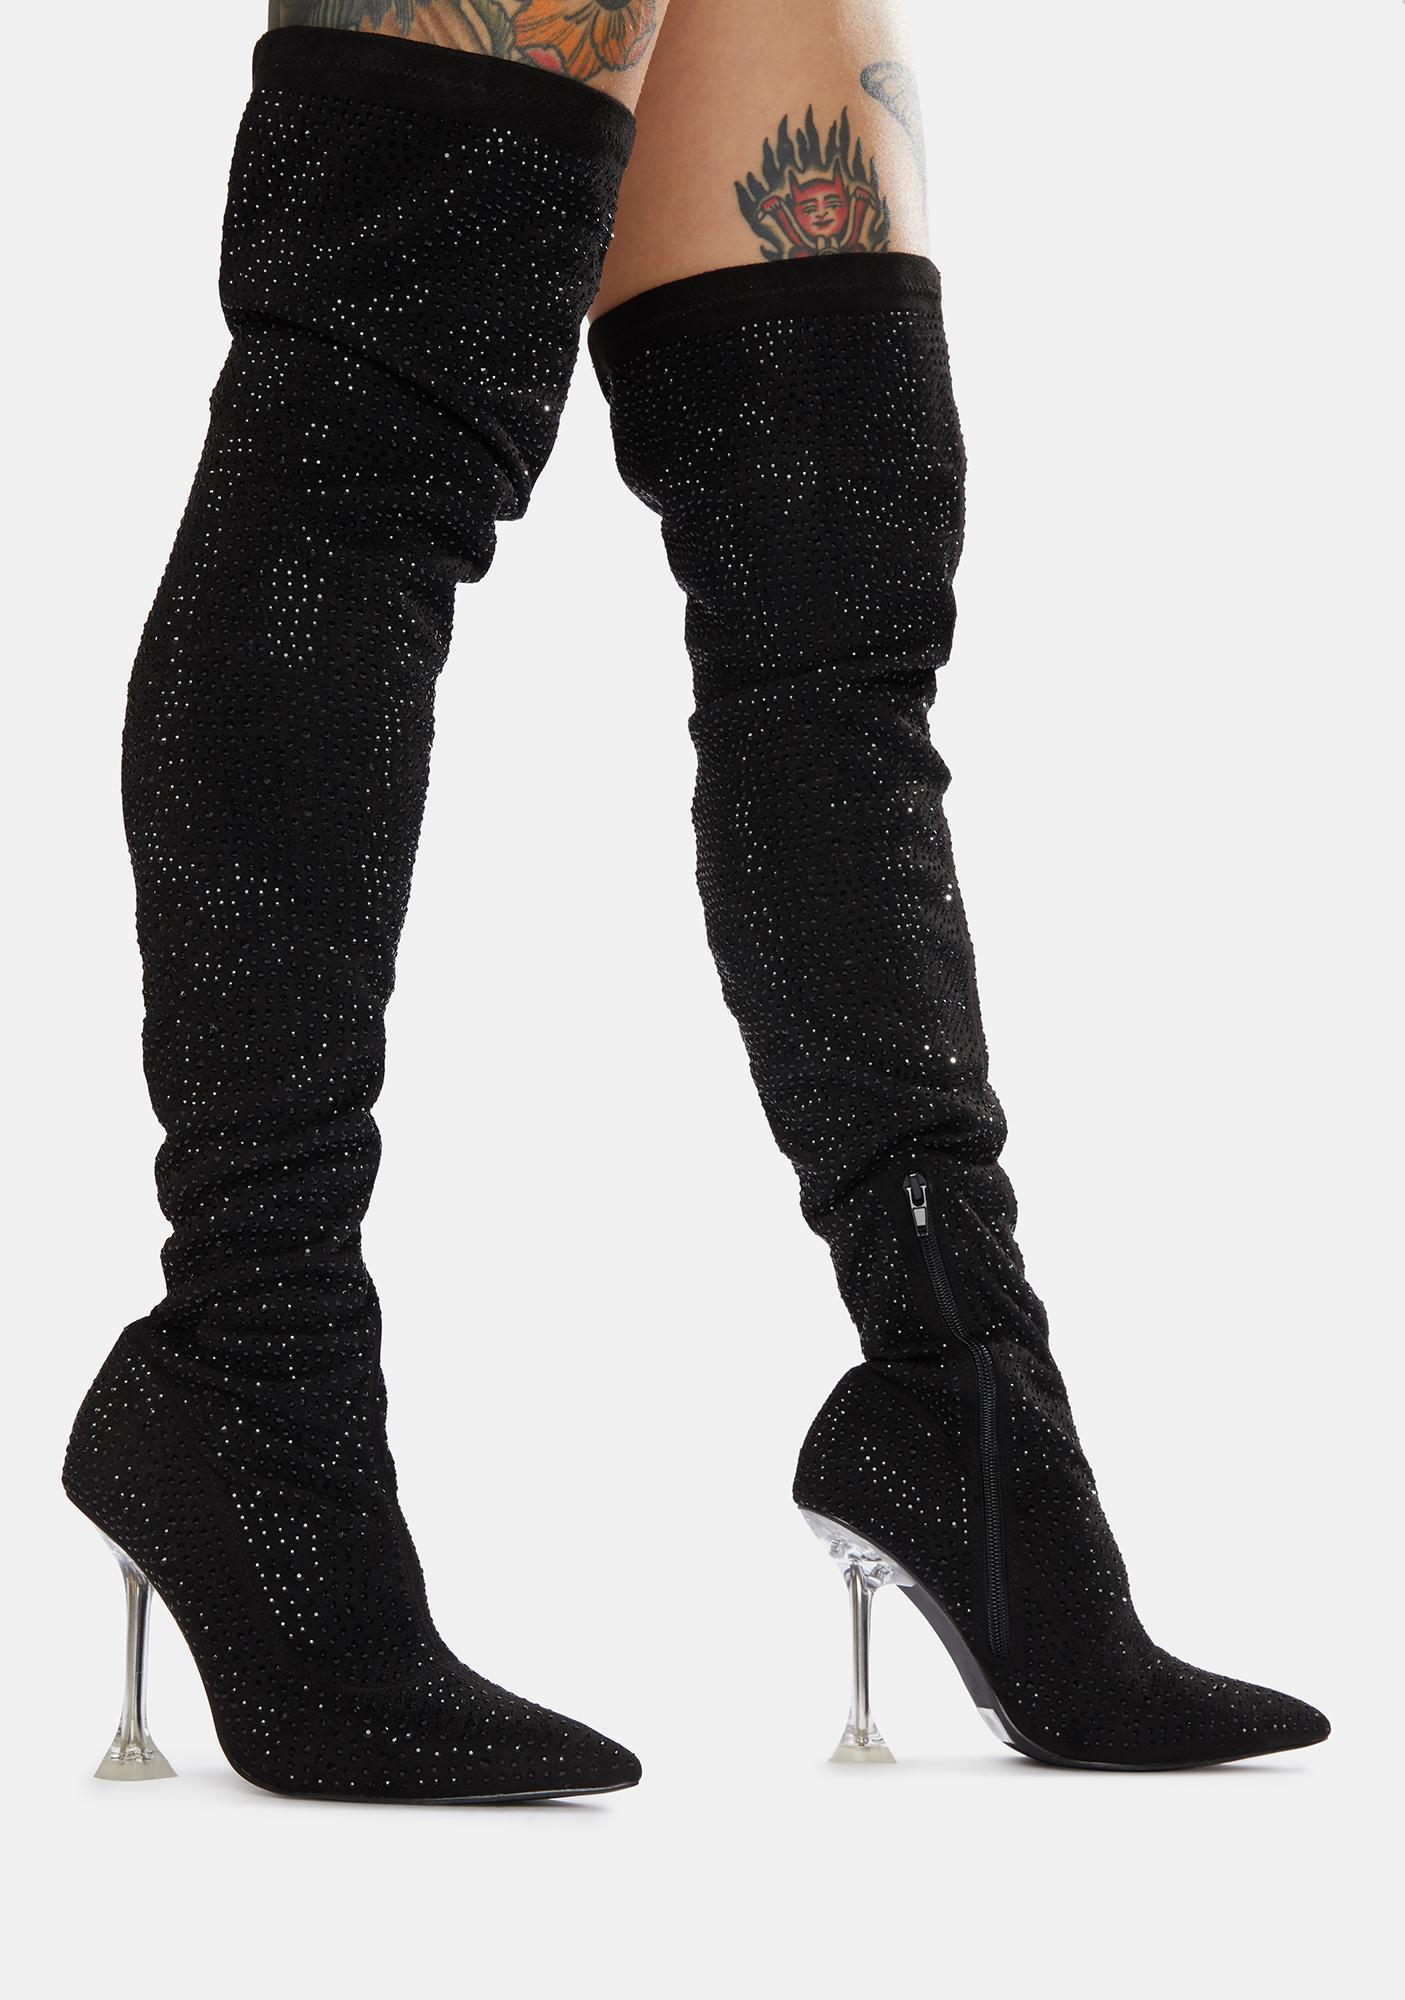 Class Act Thigh High Boots